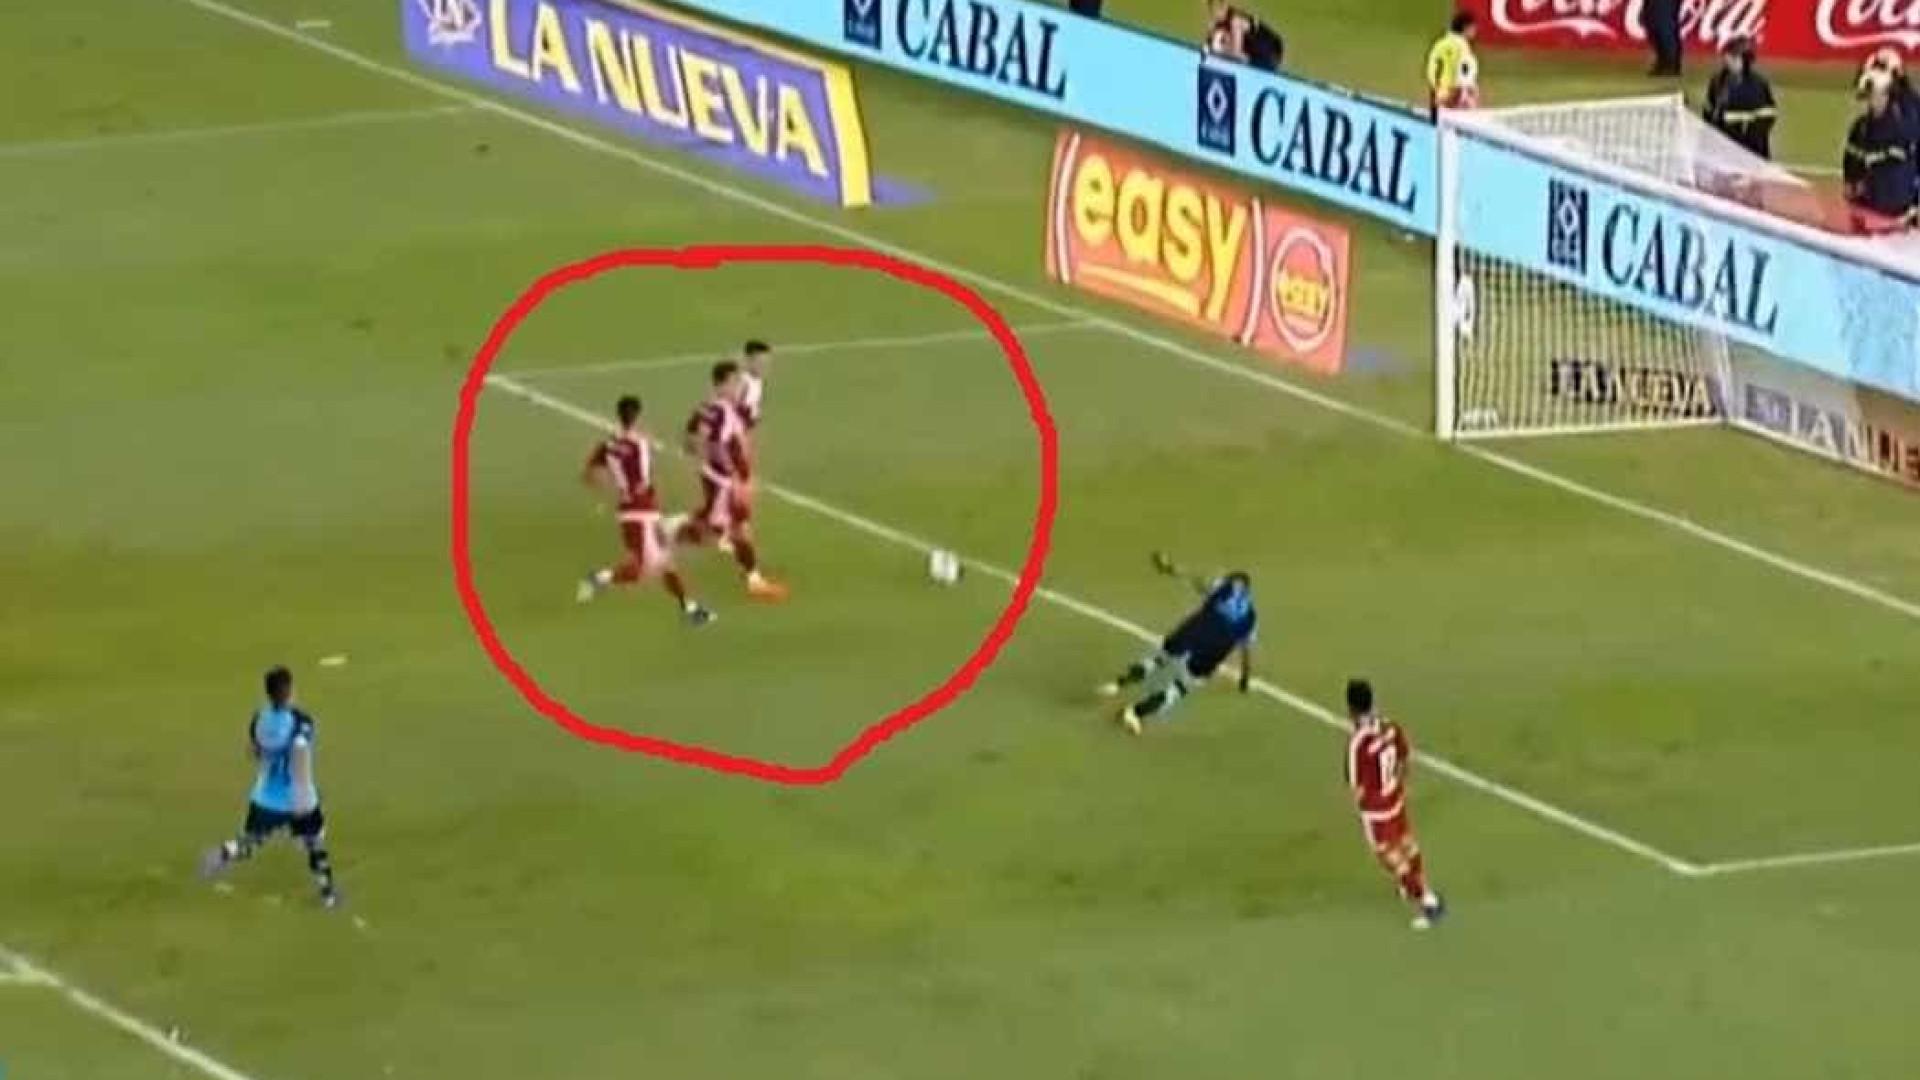 Inacreditável! Jogador do River Plate perde gol 'feito' na Argentina